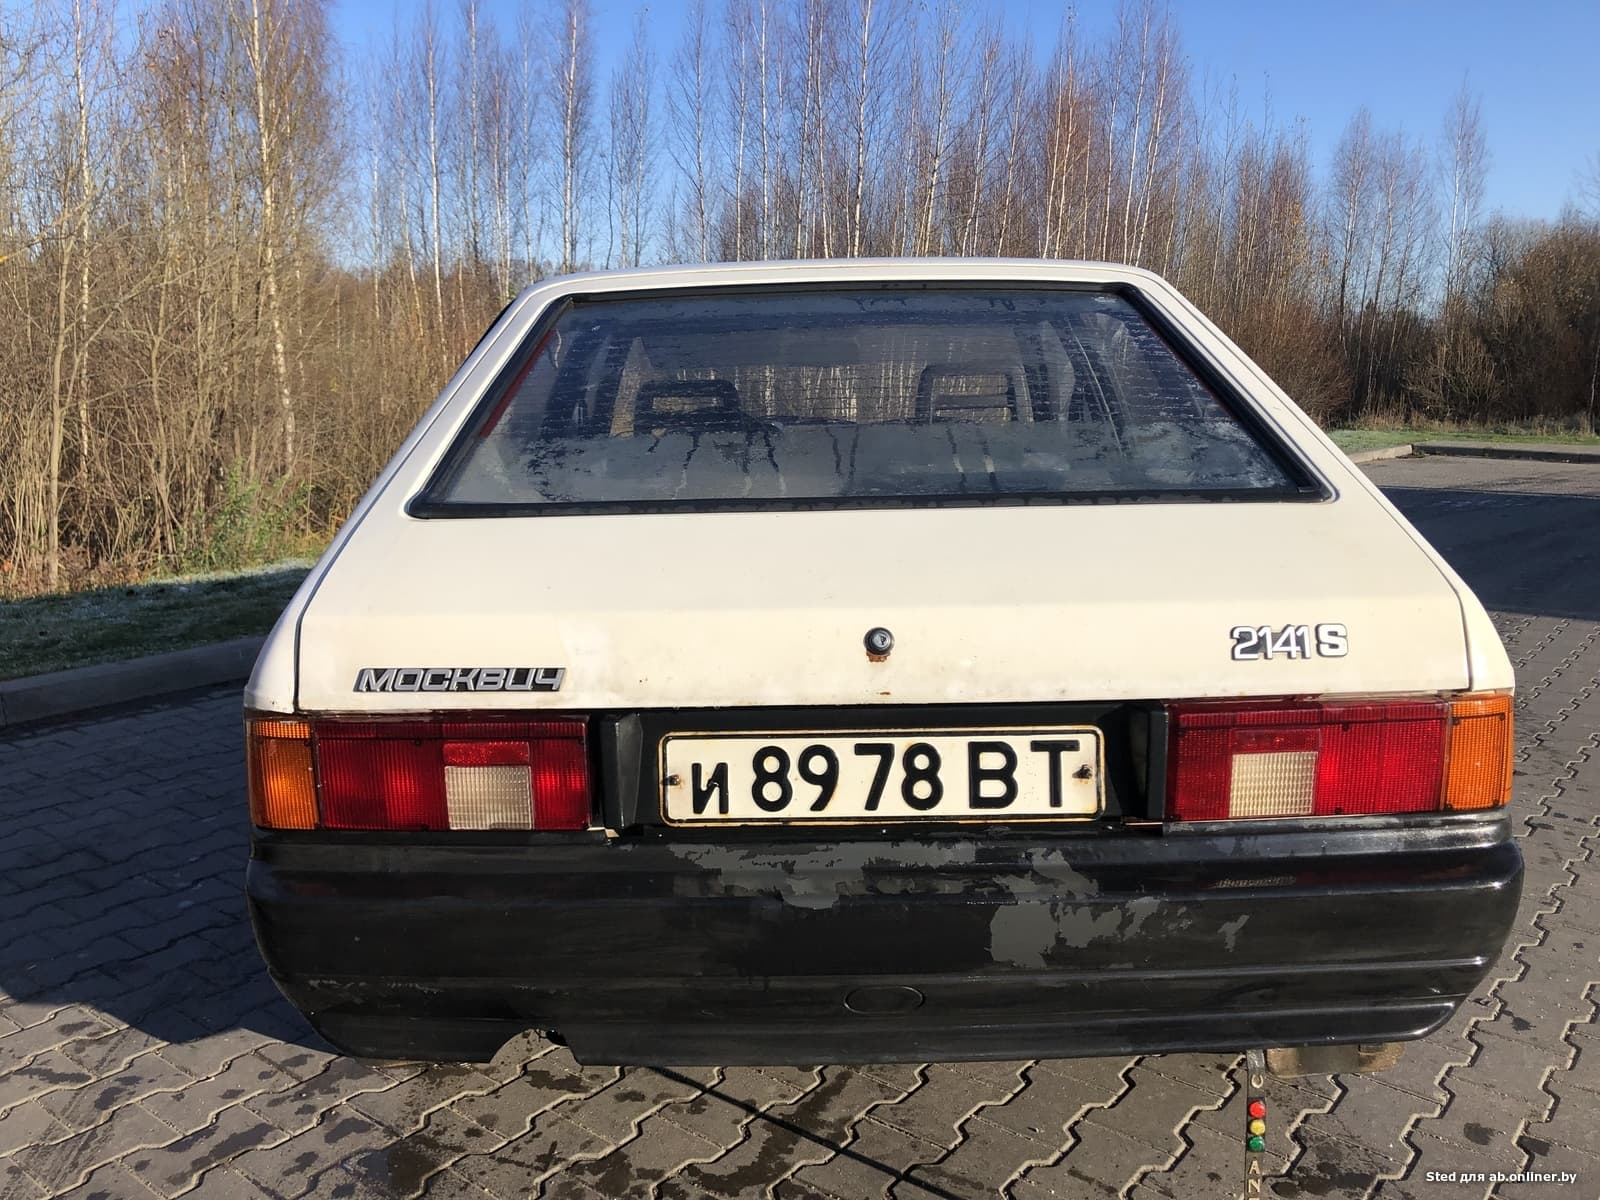 Москвич 2141 S